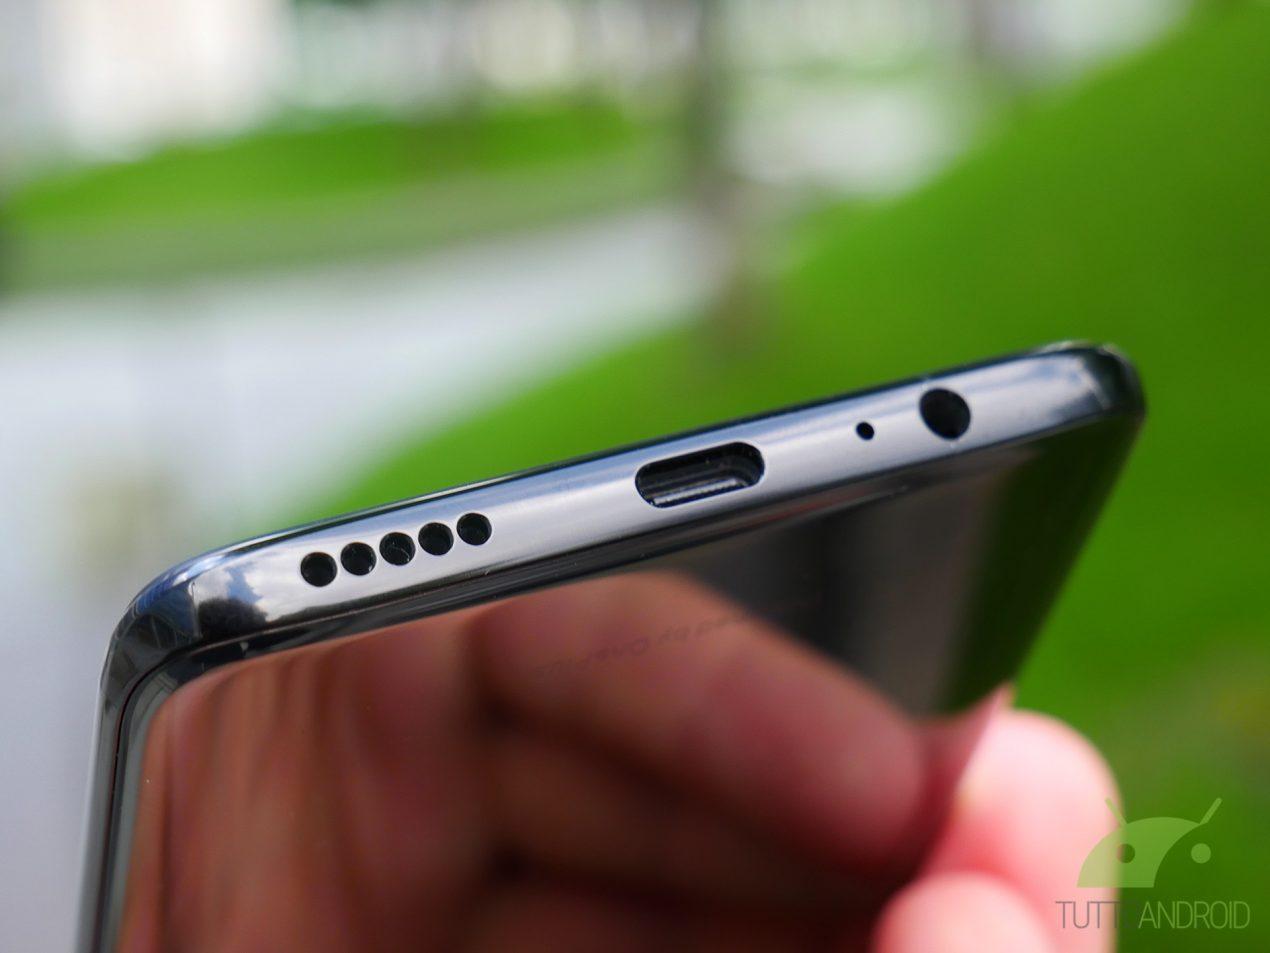 Gli utenti avevano avvertito oneplus sul jack audio for Smartphone ultime uscite